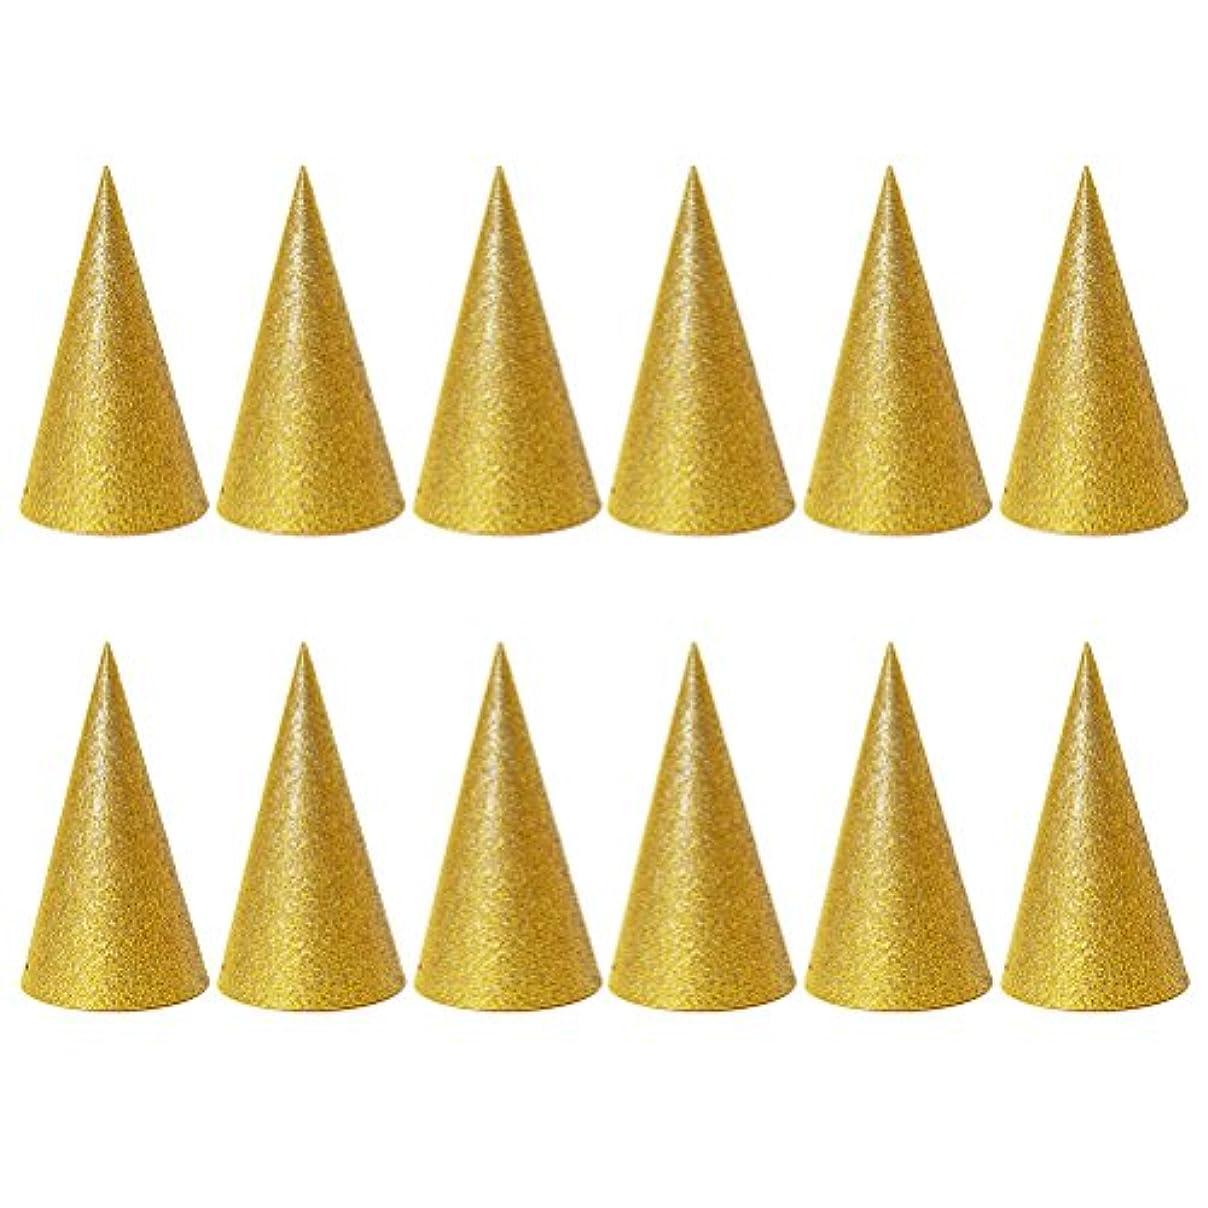 商業の全部筋肉のSUPVOX 子供と大人のパーティーのための12個のキラキラコーンパーティー帽子トライアングルバースデー帽子は装飾を飾ります(ゴールデン)